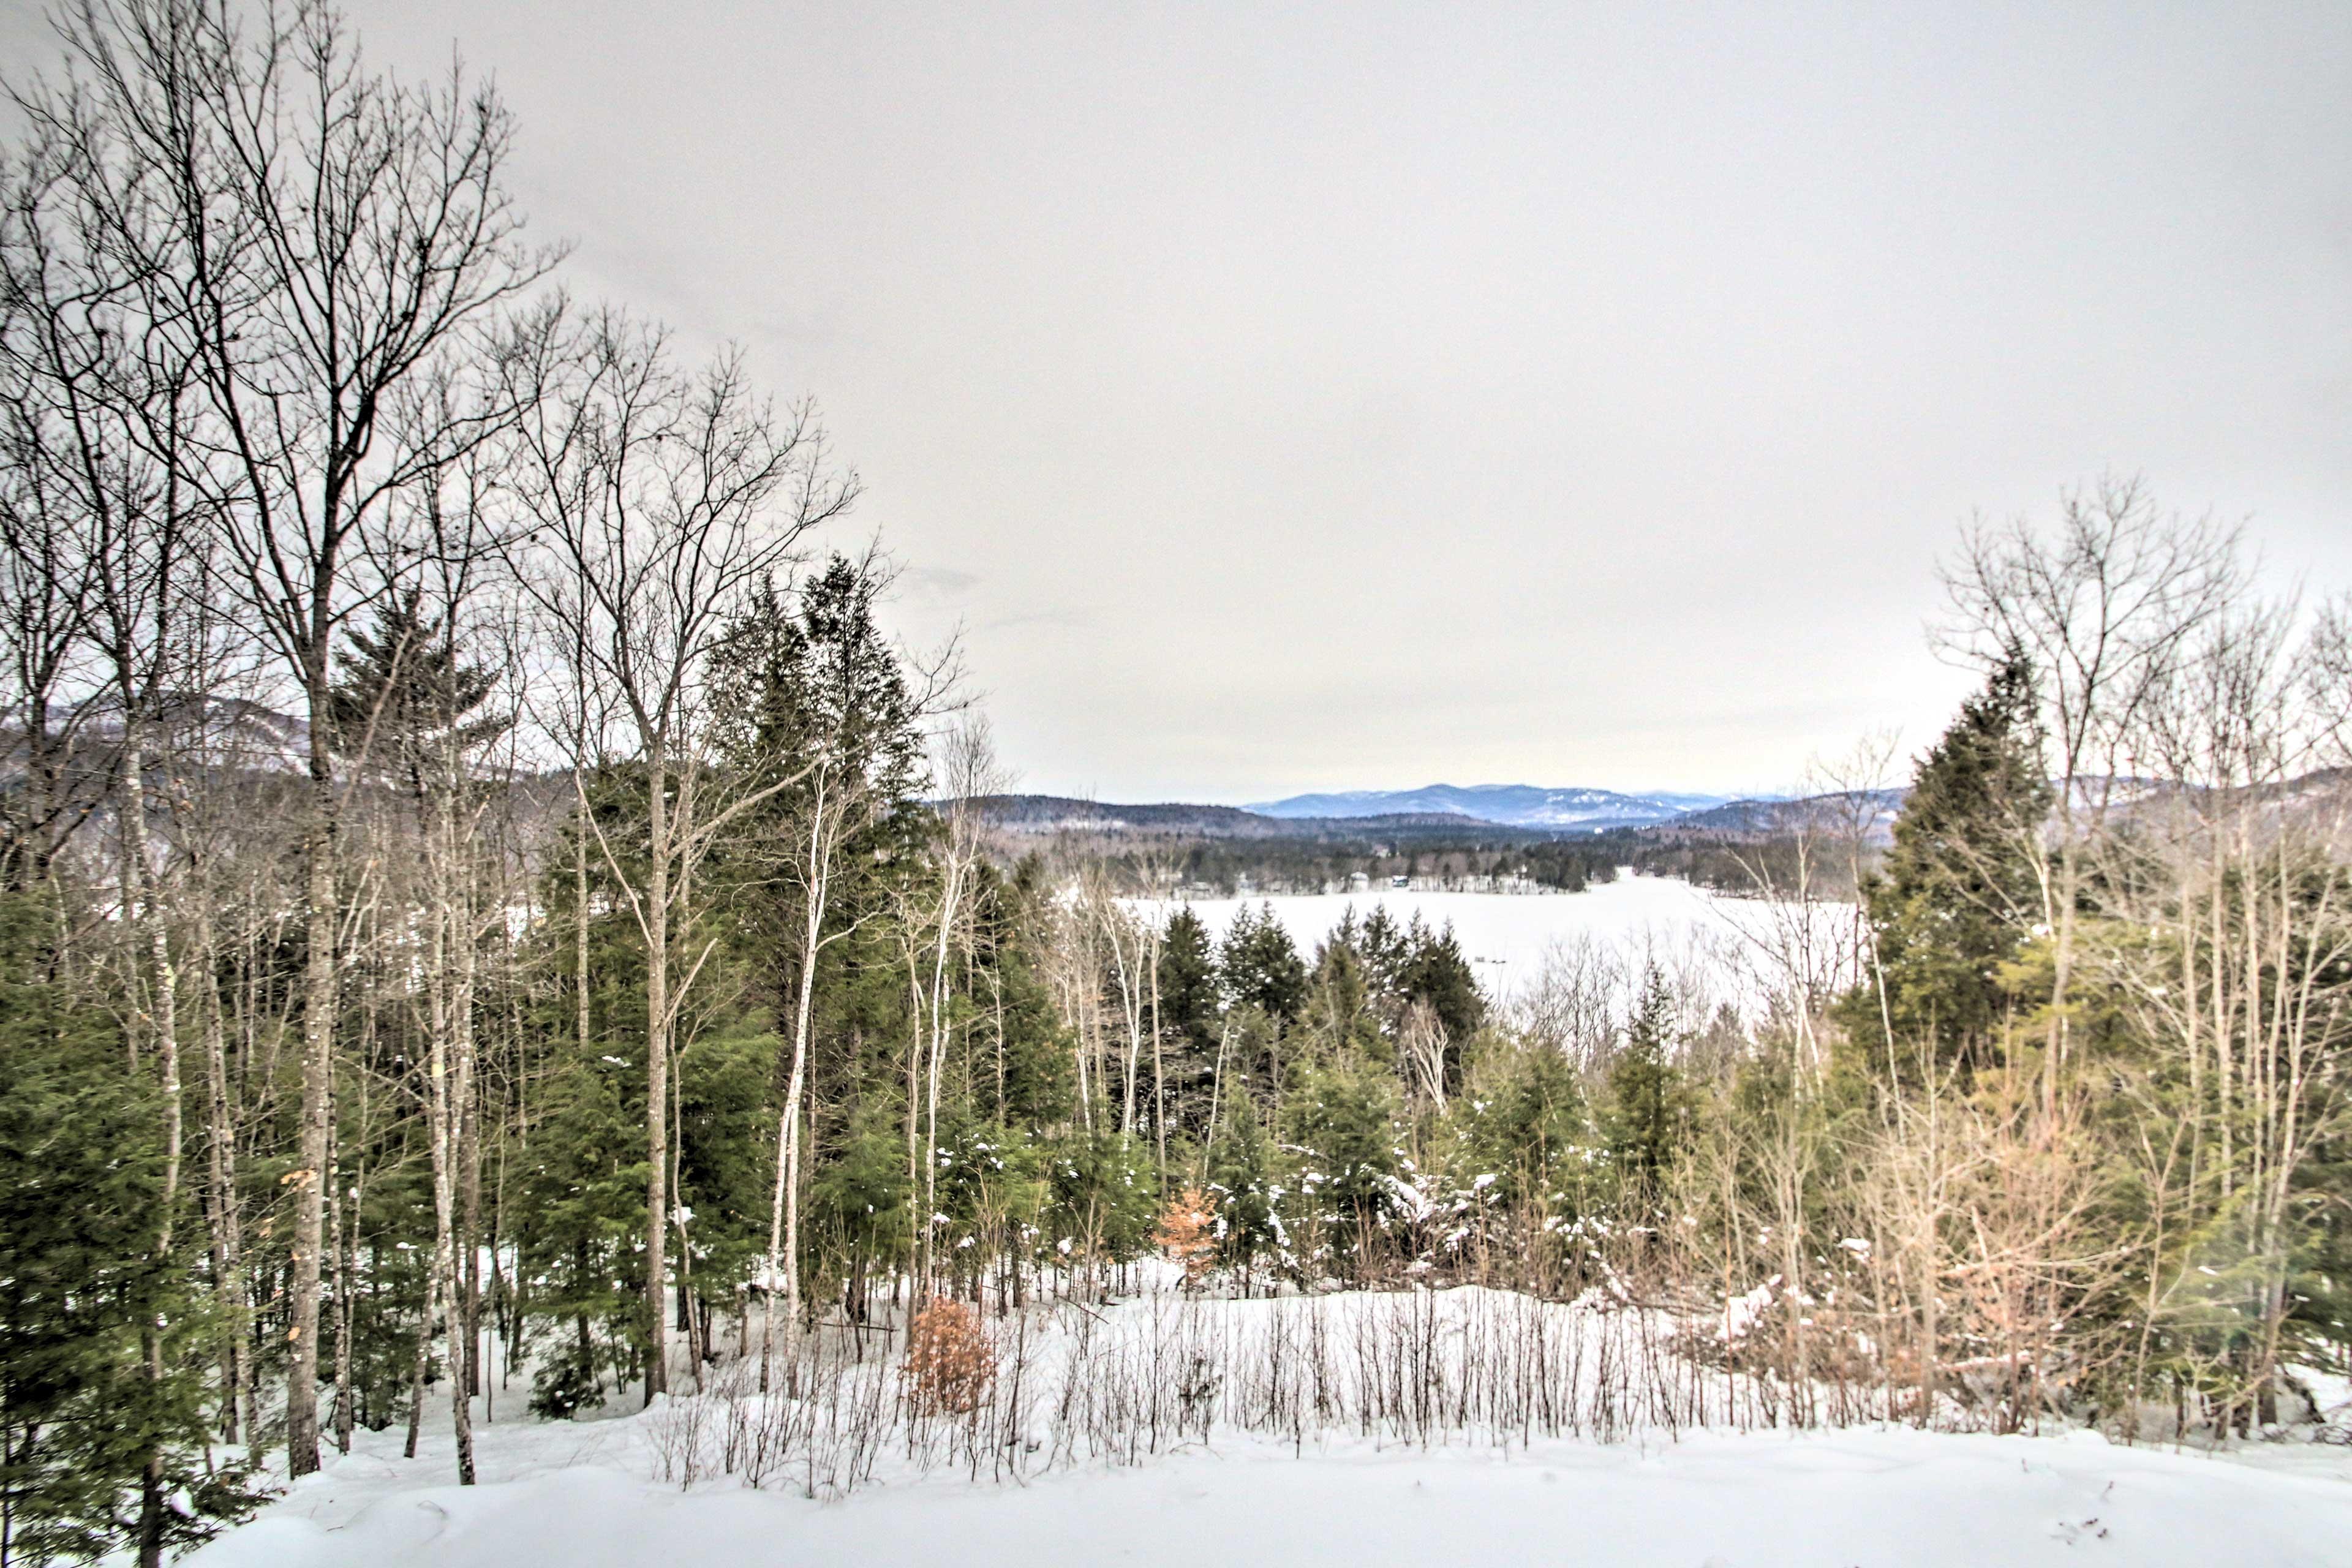 This is a true winter wonderland!